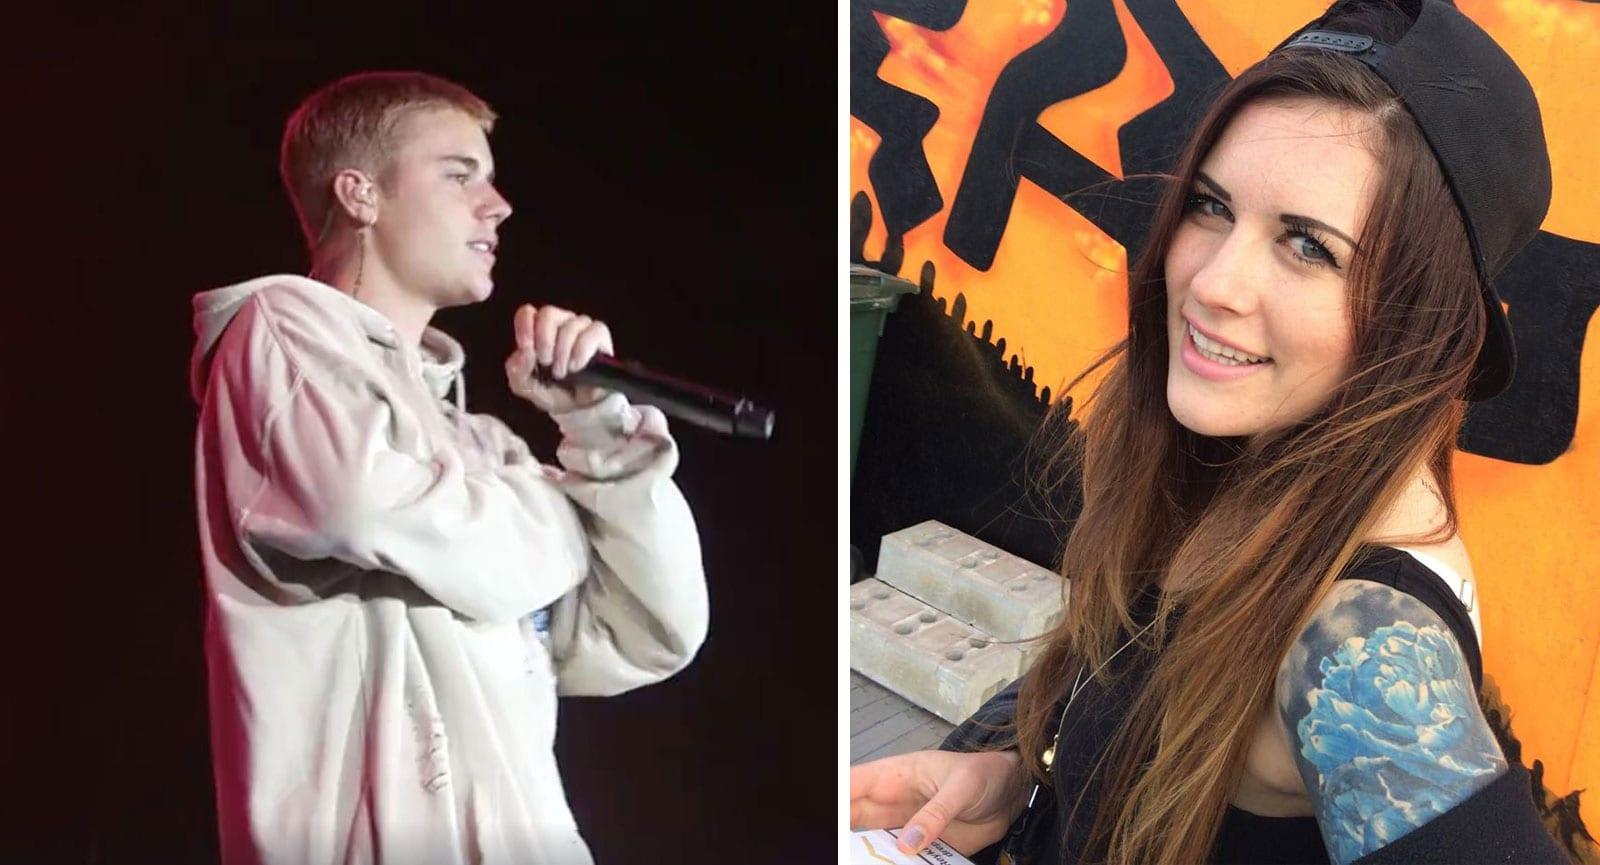 14 ára stelpur hóta blaðamanni sem skrifaði slæman dóm um tónleika Justins Bieber í Kórnum